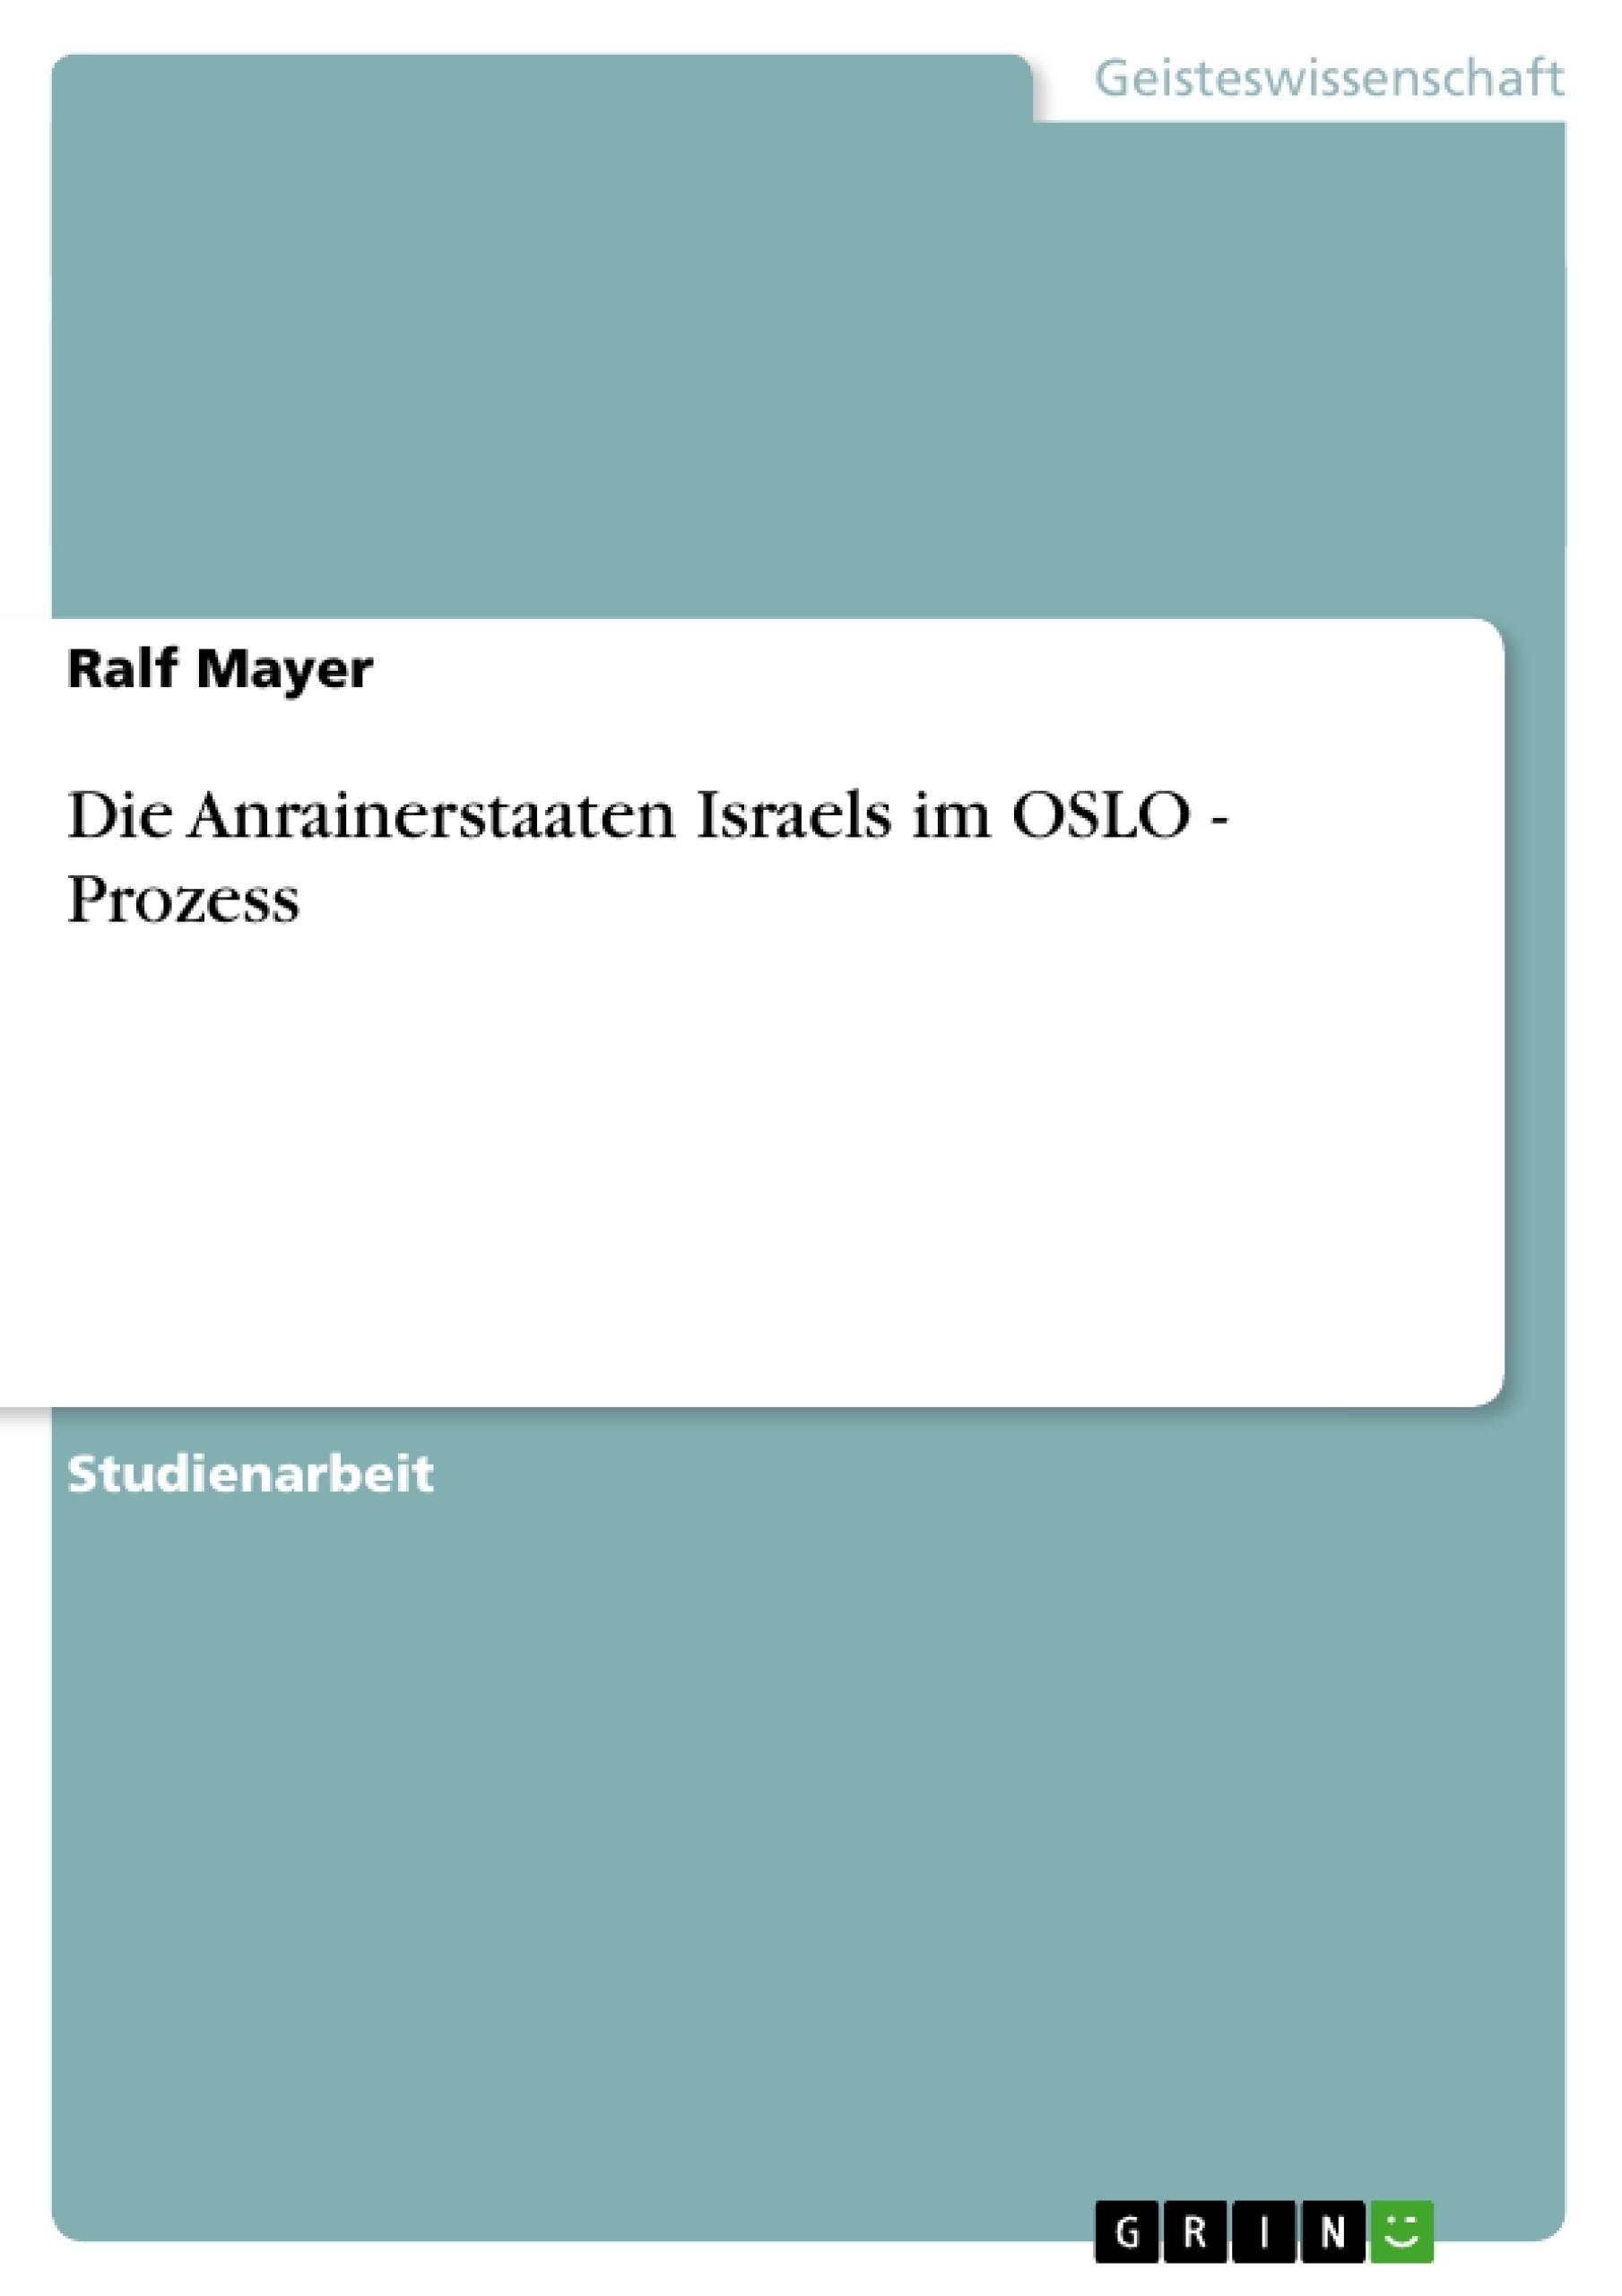 Titel: Die Anrainerstaaten Israels im OSLO - Prozess